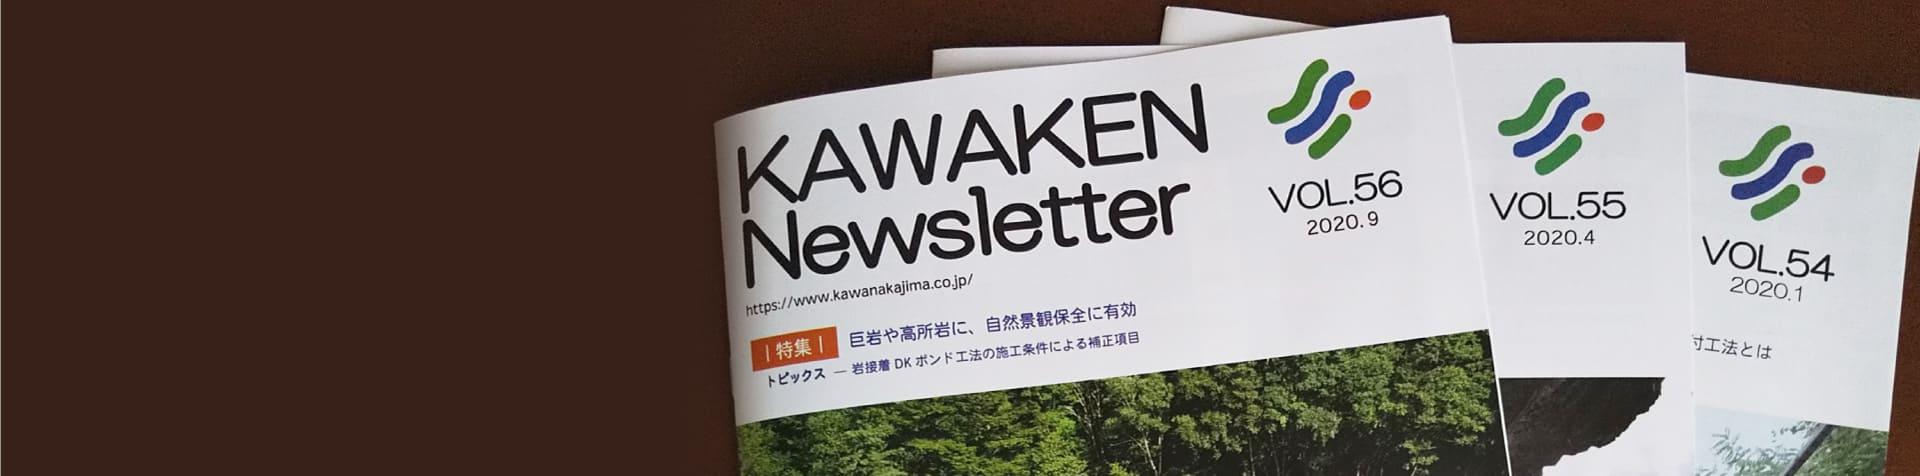 KAWAKENニュースレター